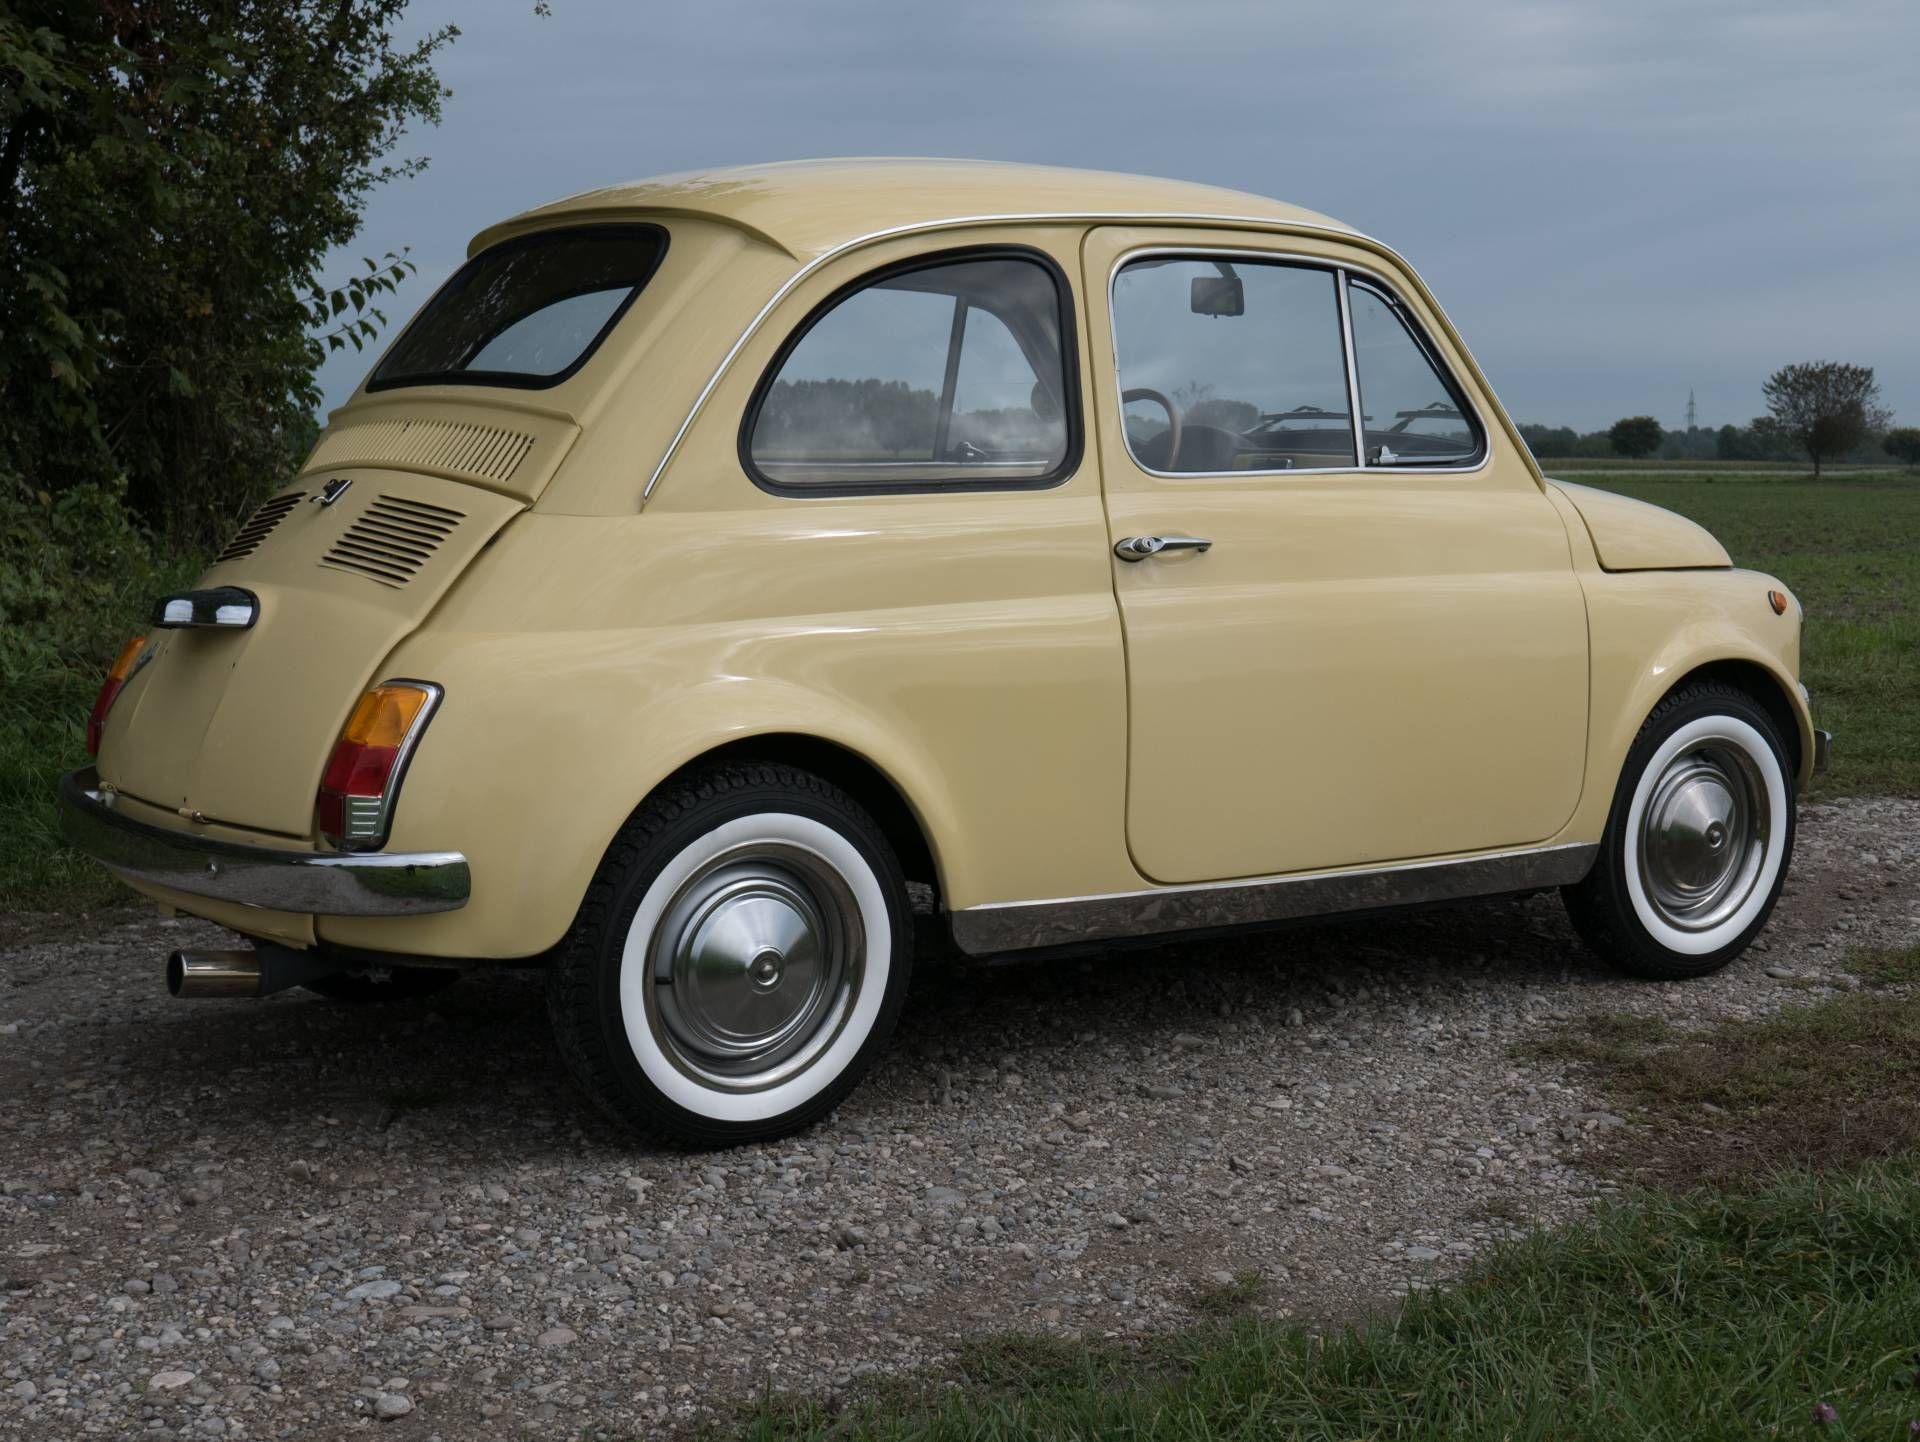 Fiat 500 Francis Lombardi My Car Fiat Fiat 500 Fiat Classic